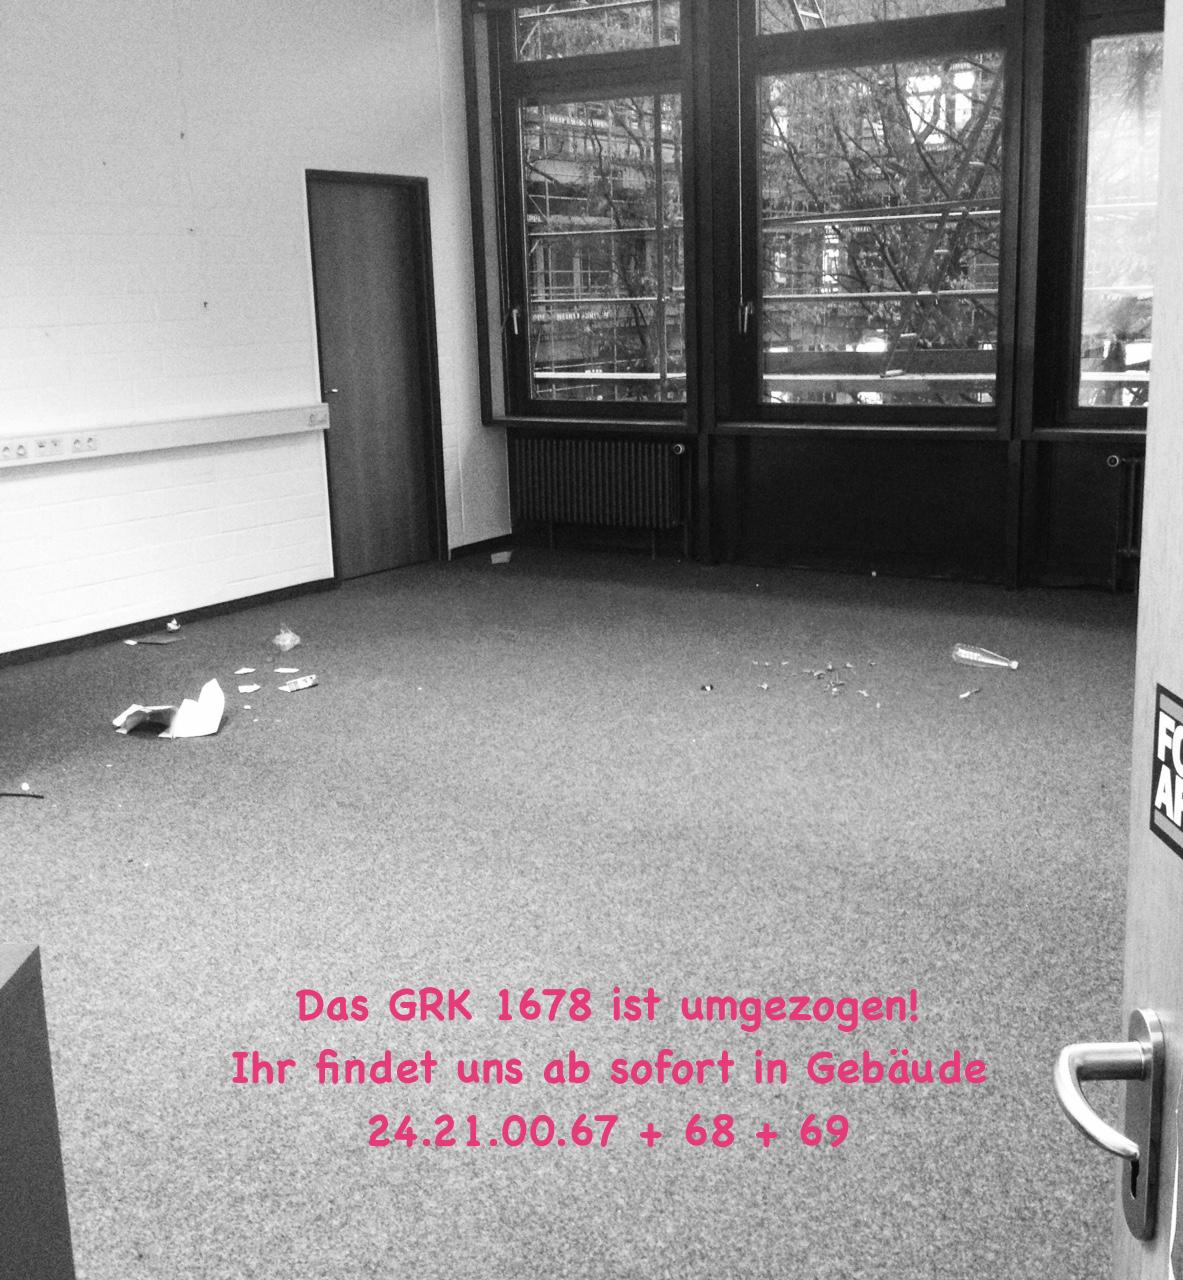 Das Graduiertenkolleg ist umgezogen: Ab sofort sind wir in Gebäude 24.21.00.67 + 68 + 69 zu finden. Im Neuen Jahr wird das Blog wieder mit Berichten gefüttert!